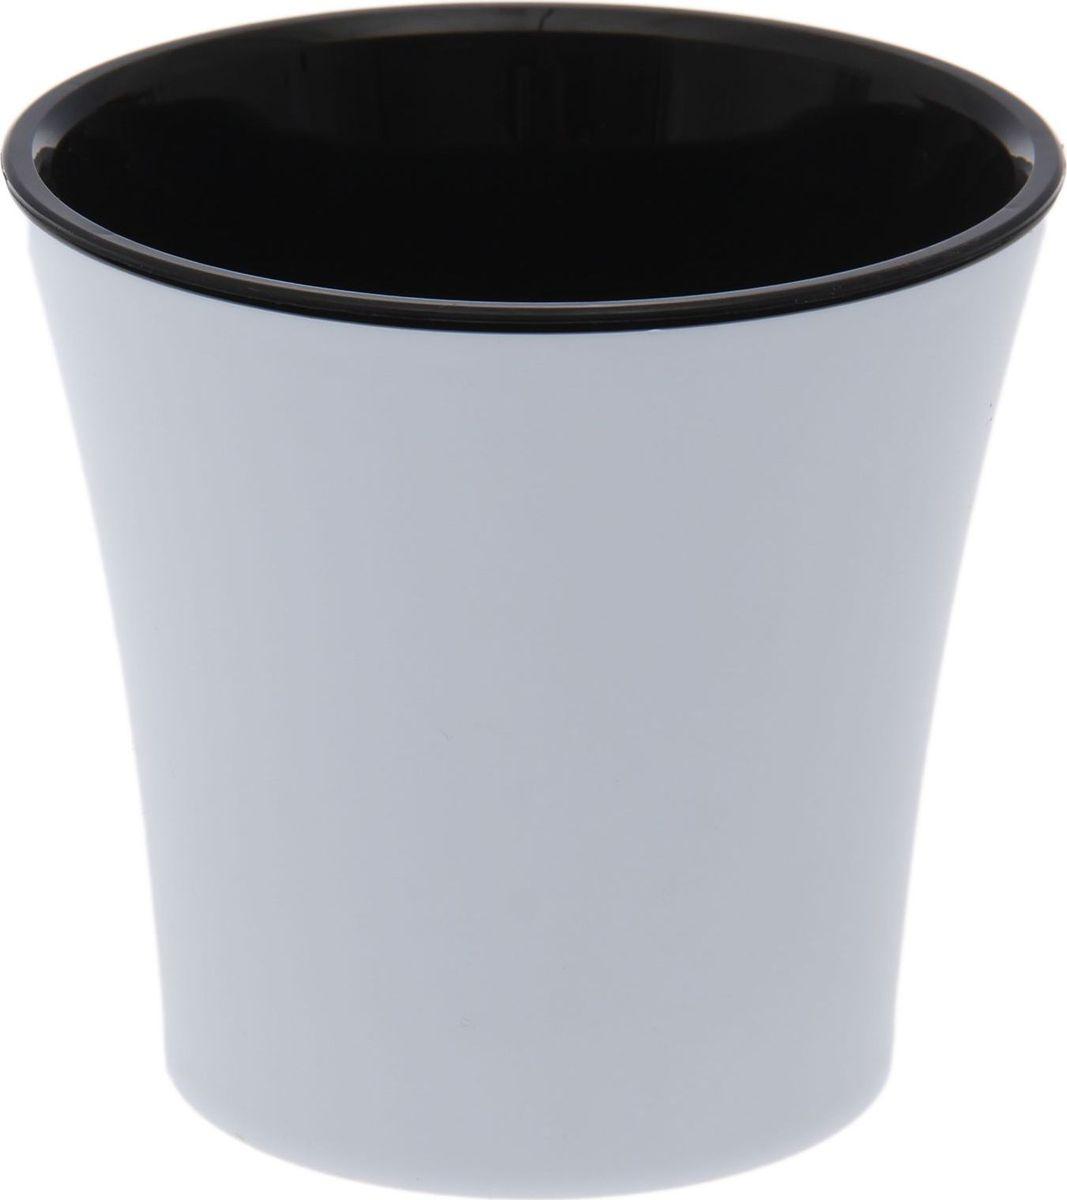 Горшок для цветов Santino Арте, цвет: белый, черный, 0,6 л80663Любой, даже самый современный и продуманный интерьер будет незавершённым без растений. Они не только очищают воздух и насыщают его кислородом, но и украшают окружающее пространство. Такому полезному члену семьи просто необходим красивый и функциональный дом! Мы предлагаем Горшок 600 мл Арте, цвет бело-черный! Оптимальный выбор материала — пластмасса! Почему мы так считаем? -Малый вес. С лёгкостью переносите горшки и кашпо с места на место, ставьте их на столики или полки, не беспокоясь о нагрузке.-Простота ухода. Кашпо не нуждается в специальных условиях хранения. Его легко чистить — достаточно просто сполоснуть тёплой водой.-Никаких потёртостей. Такие кашпо не царапают и не загрязняют поверхности, на которых стоят.-Пластик дольше хранит влагу, а значит, растение реже нуждается в поливе.-Пластмасса не пропускает воздух — корневой системе растения не грозят резкие перепады температур. -Огромный выбор форм, декора и расцветок — вы без труда найдёте что-то, что идеально впишется в уже существующий интерьер.Соблюдая нехитрые правила ухода, вы можете заметно продлить срок службы горшков и кашпо из пластика: -всегда учитывайте размер кроны и корневой системы (при разрастании большое растение способно повредить маленький горшок)-берегите изделие от воздействия прямых солнечных лучей, чтобы горшки не выцветали-держите кашпо из пластика подальше от нагревающихся поверхностей. Создавайте прекрасные цветочные композиции, выращивайте рассаду или необычные растения. Размеры внутреннего вкладыша - высота 10 см, верхний диаметр - 11 см, нижний - 8 см.